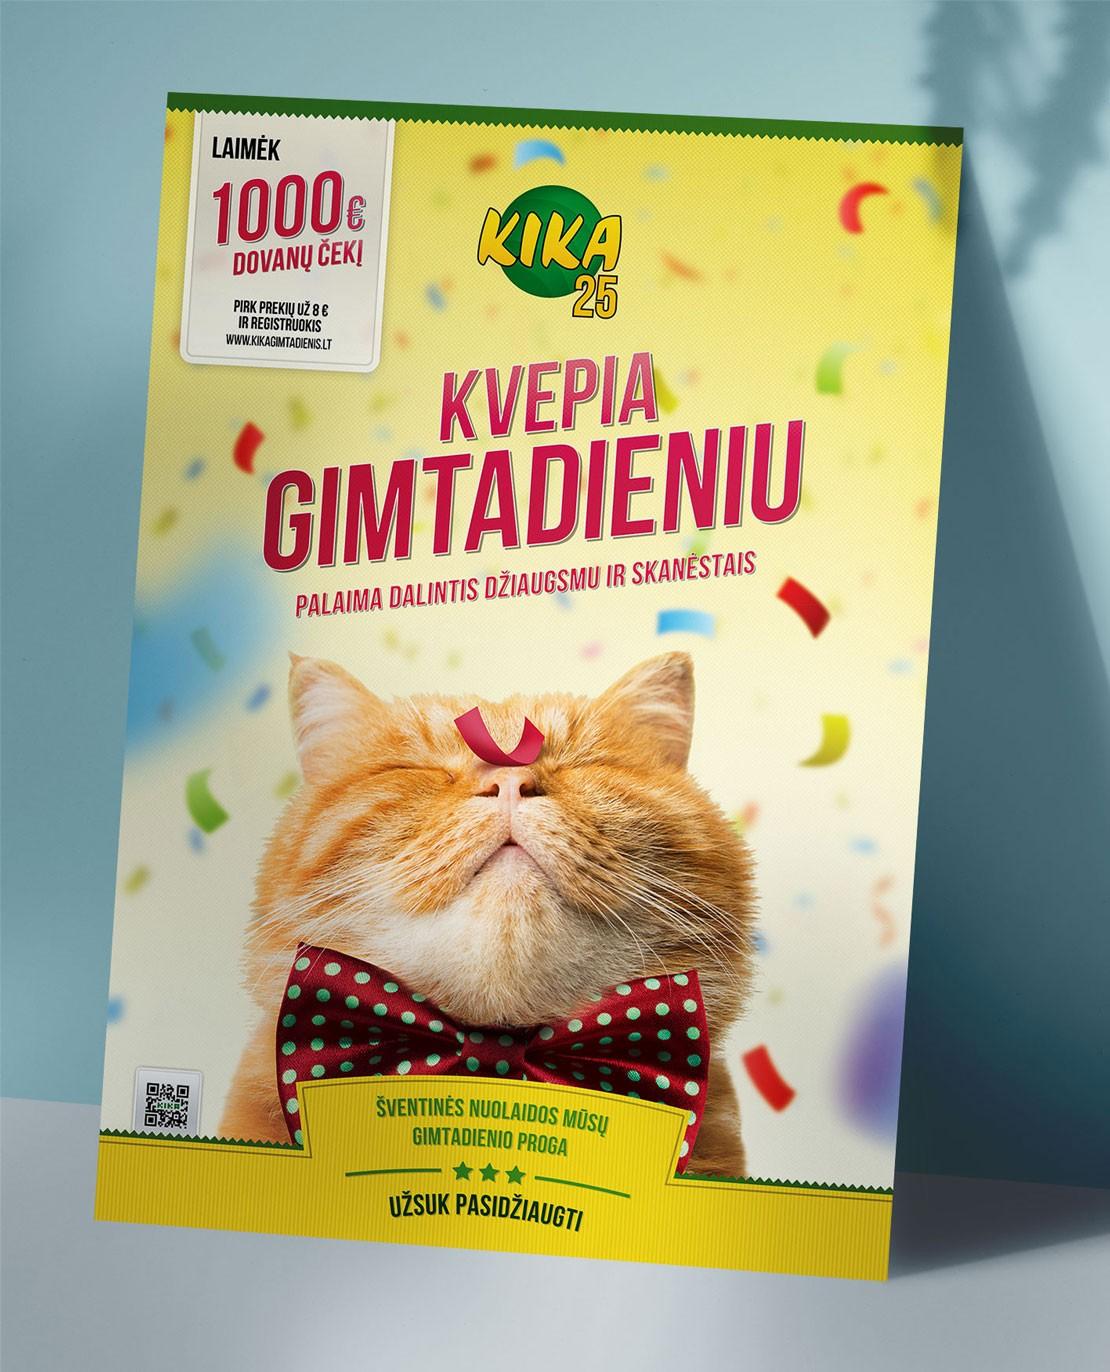 KIKA gimtadienio plakatas su kate